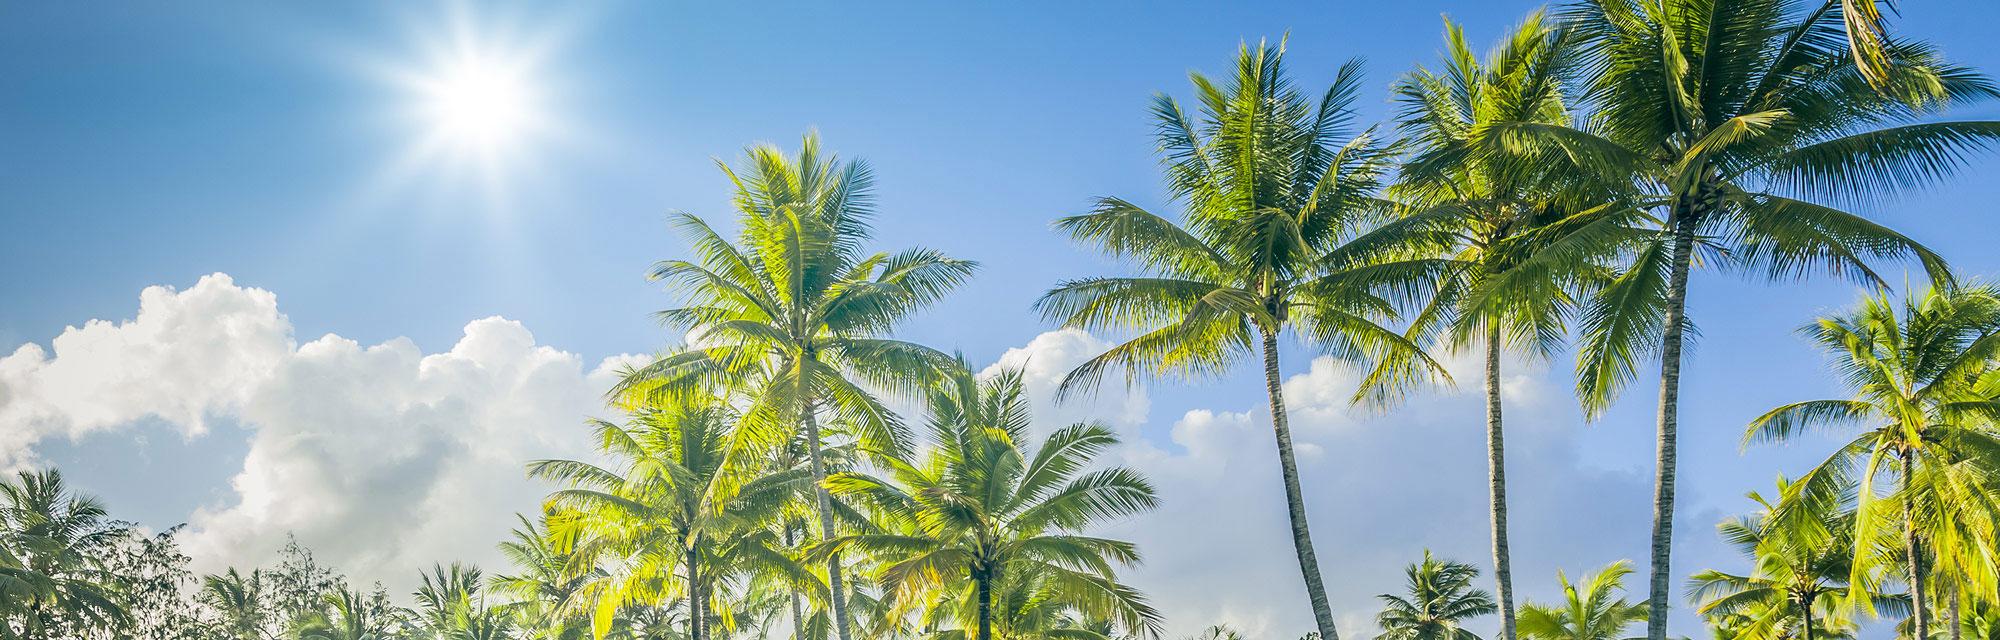 Meet the Staff Sinai Residences of Boca Raton